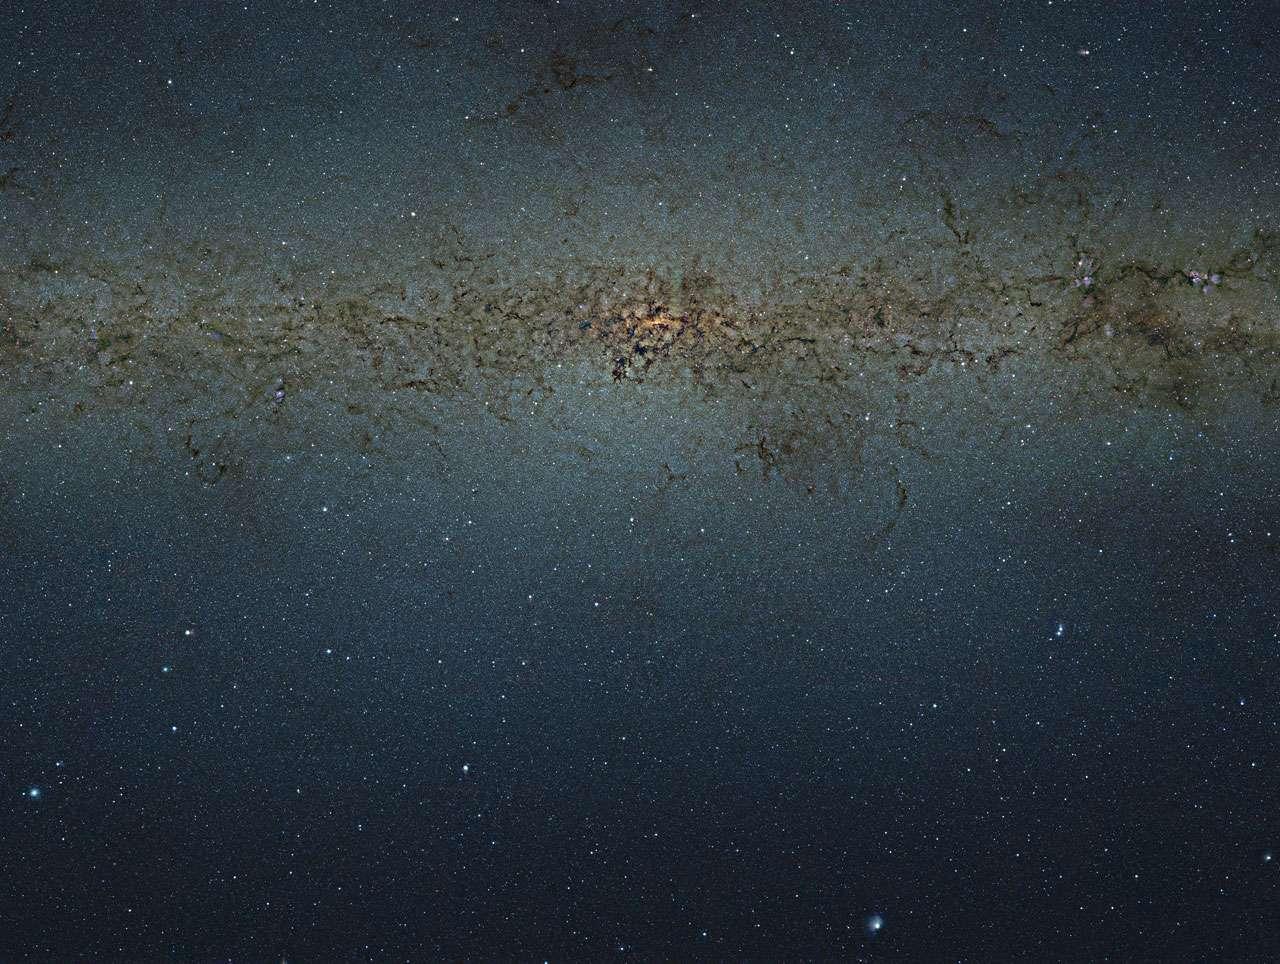 Cette vue surprenante des zones centrales de la Voie lactée a été obtenue grâce au sondage effectué à l'aide du télescope Vista situé à l'Observatoire du Paranal au Chili. Cette gigantesque image de 108.200 par 81.500 pixels contient 8,8183 milliards de pixels. Elle a été créée à partir de milliers d'images individuelles prises par Vista au travers de trois filtres infrarouges différents. © ESO